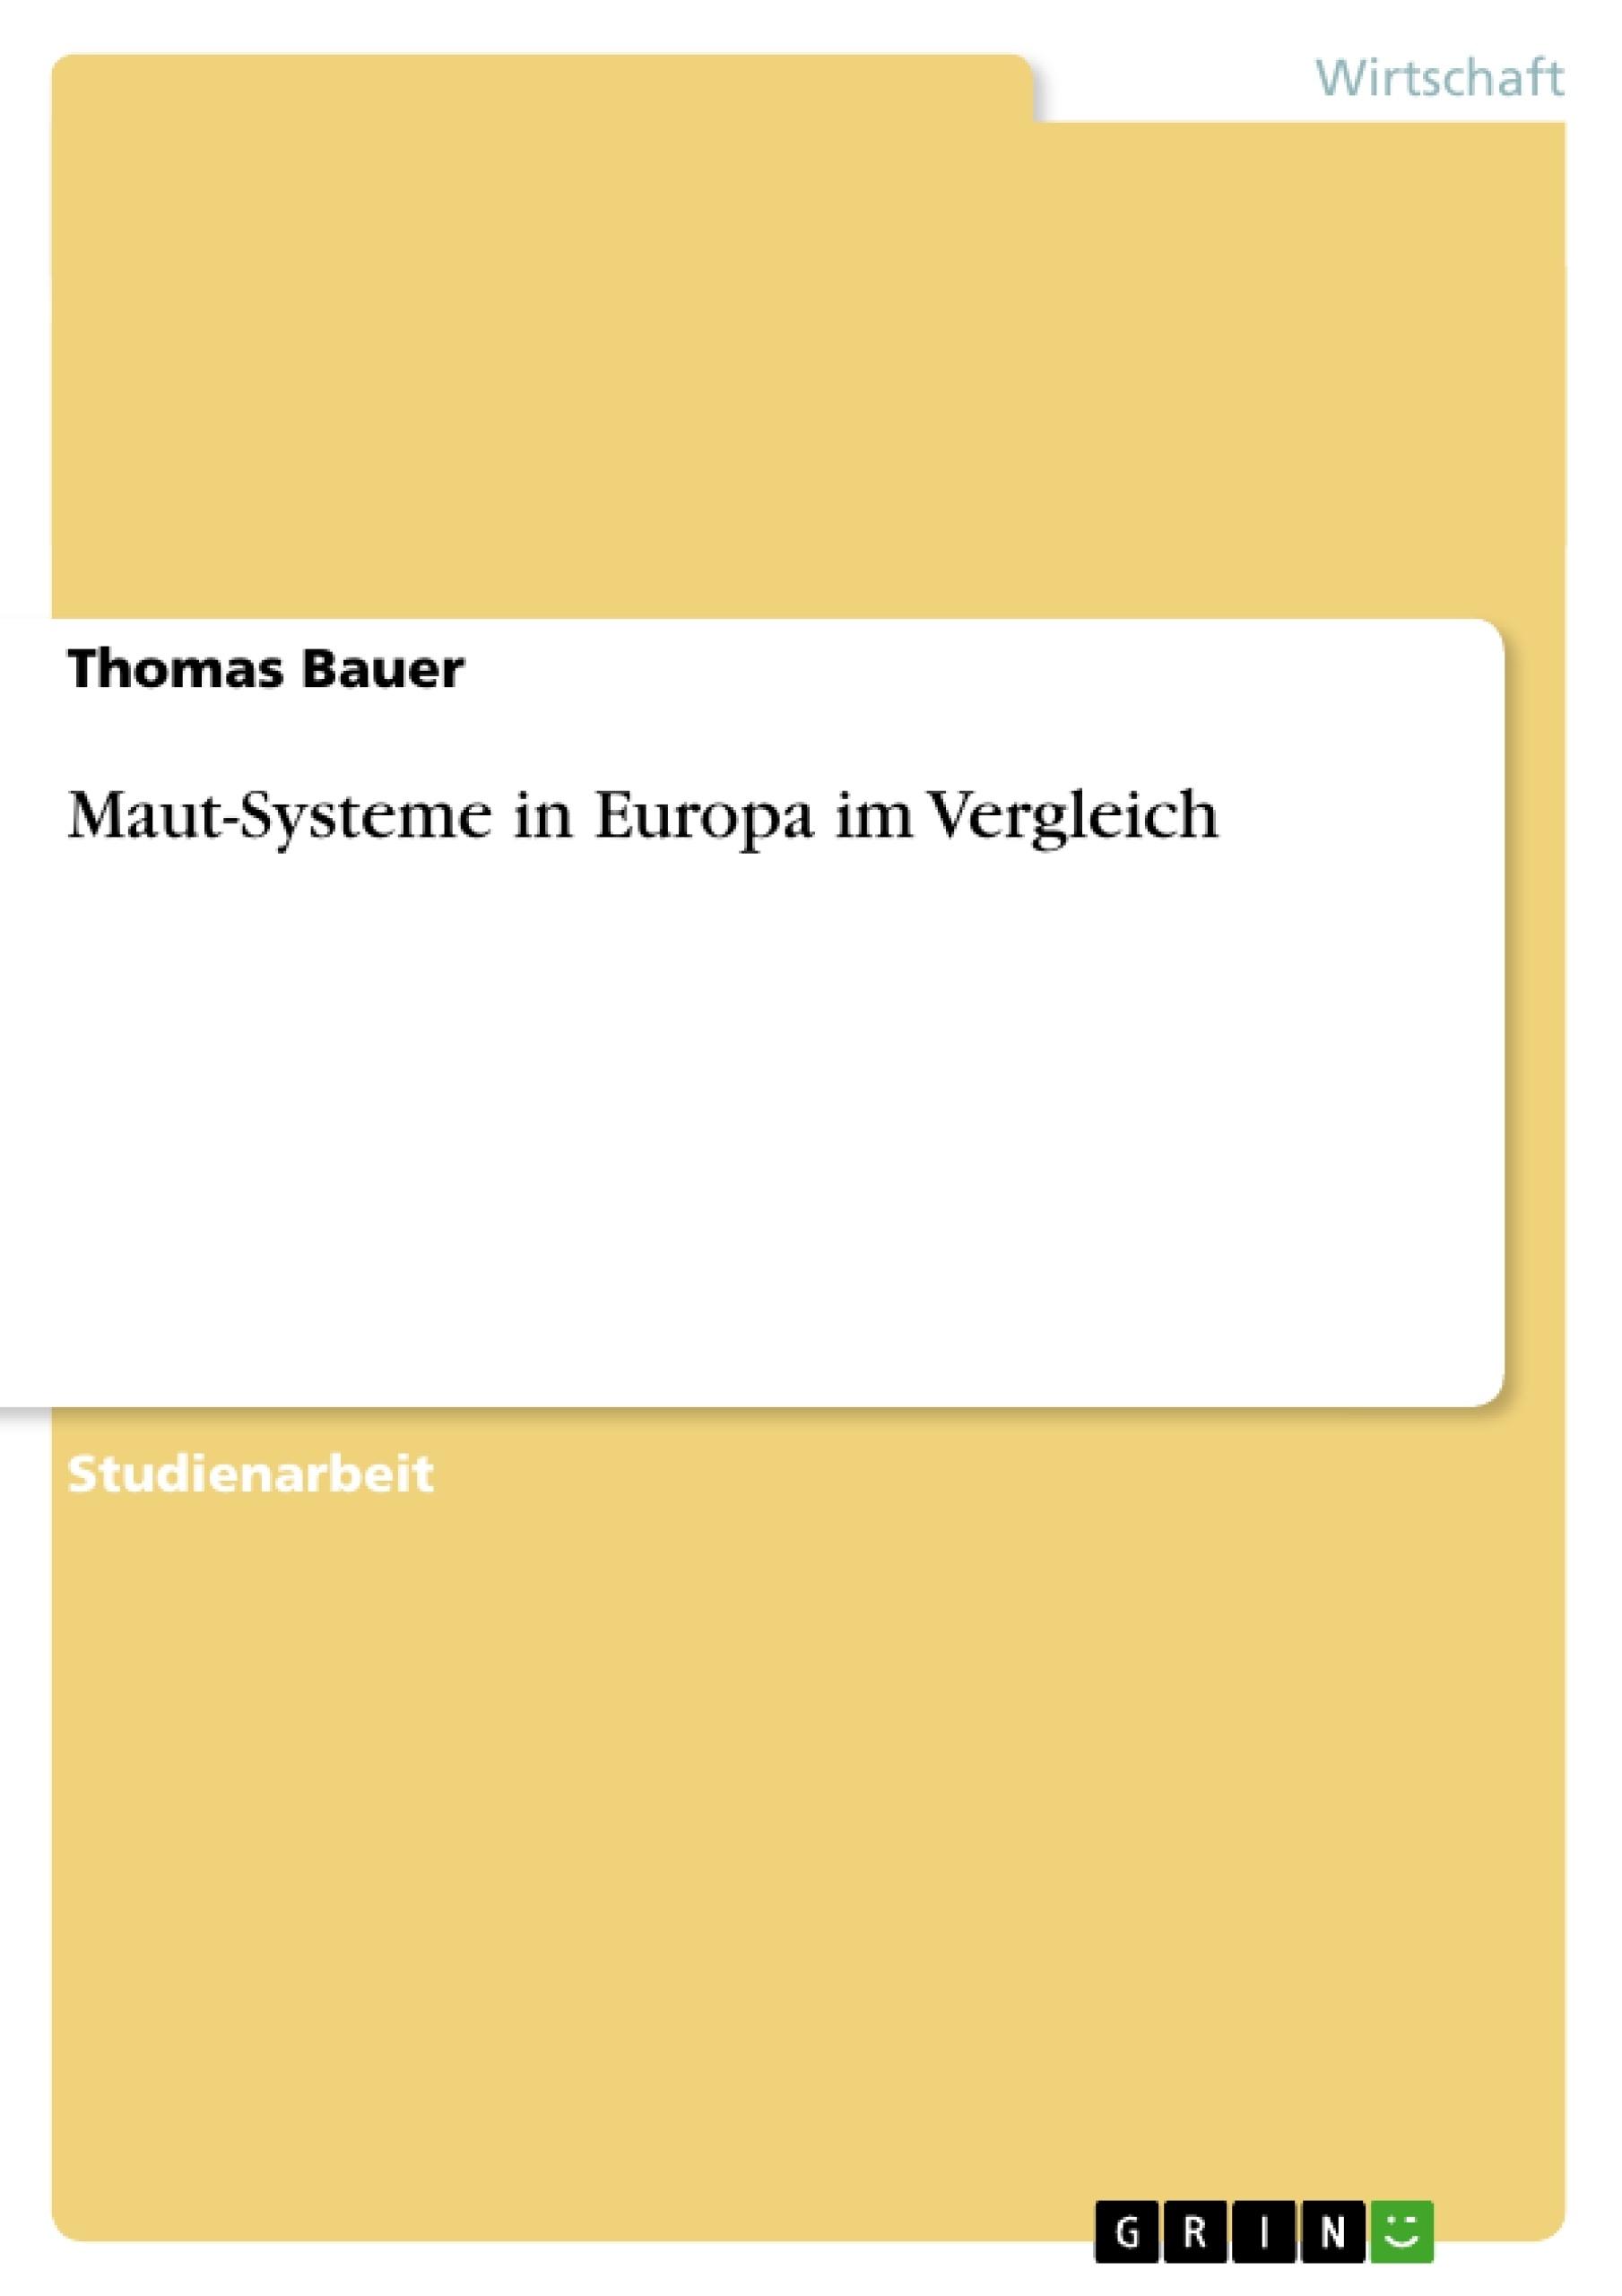 Titel: Maut-Systeme in Europa im Vergleich